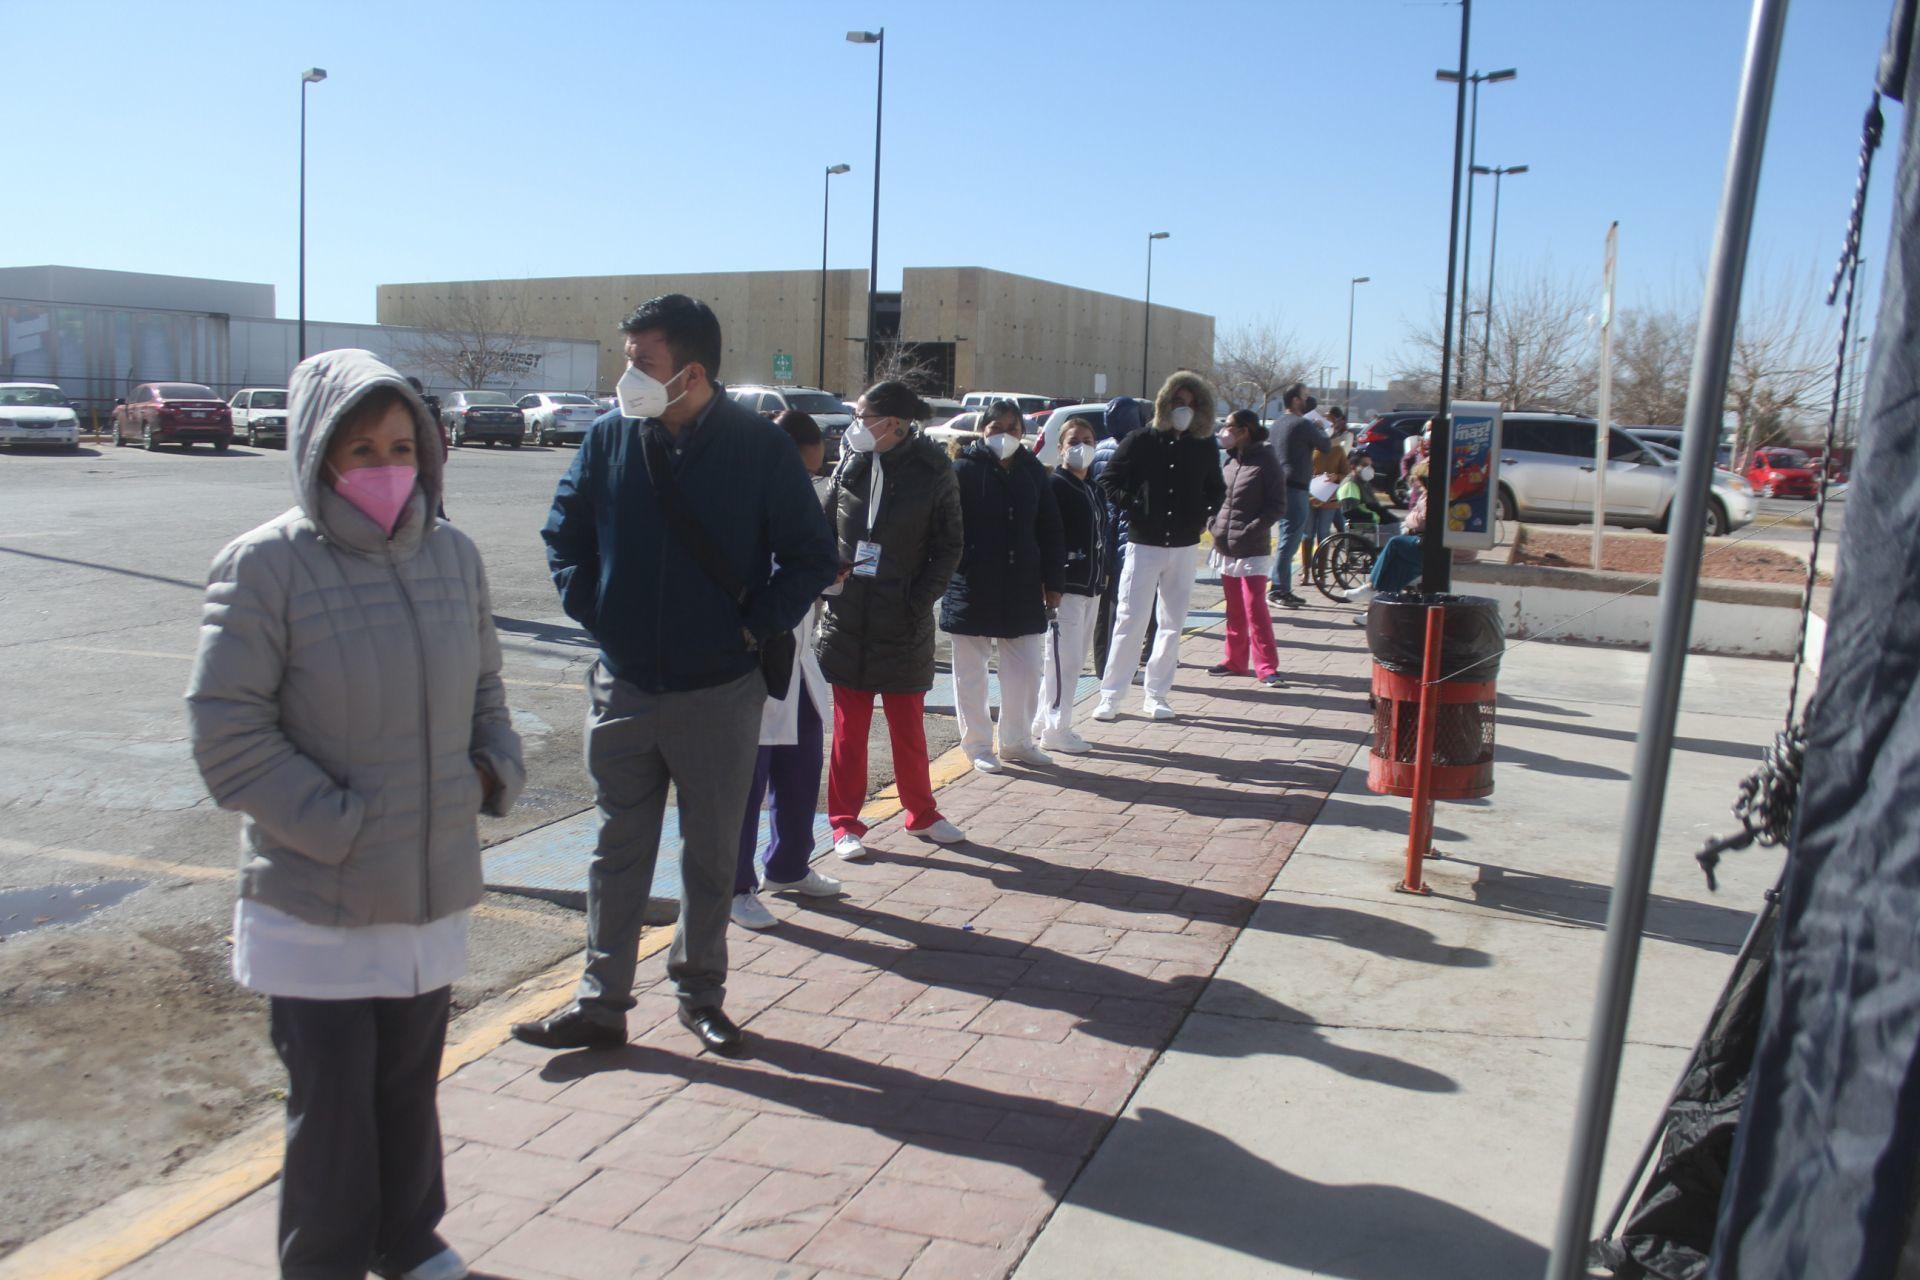 La vacunación en contra del covid-19 se lleva a cabo al interior del Hospital de la Mujer, hasta donde ha llegado personal de salud de primera línea para ser inmunizados contra el virus. Un total de14 mil 625 dosis de la vacuna Covid-19comenzaron a aplicarse en el estado y se ha informado que la será además en otros nosocomios de la ciudad como el IMSS 6, 66 y 35. Ciudad Juárez, México. 13 de enero de 2021.